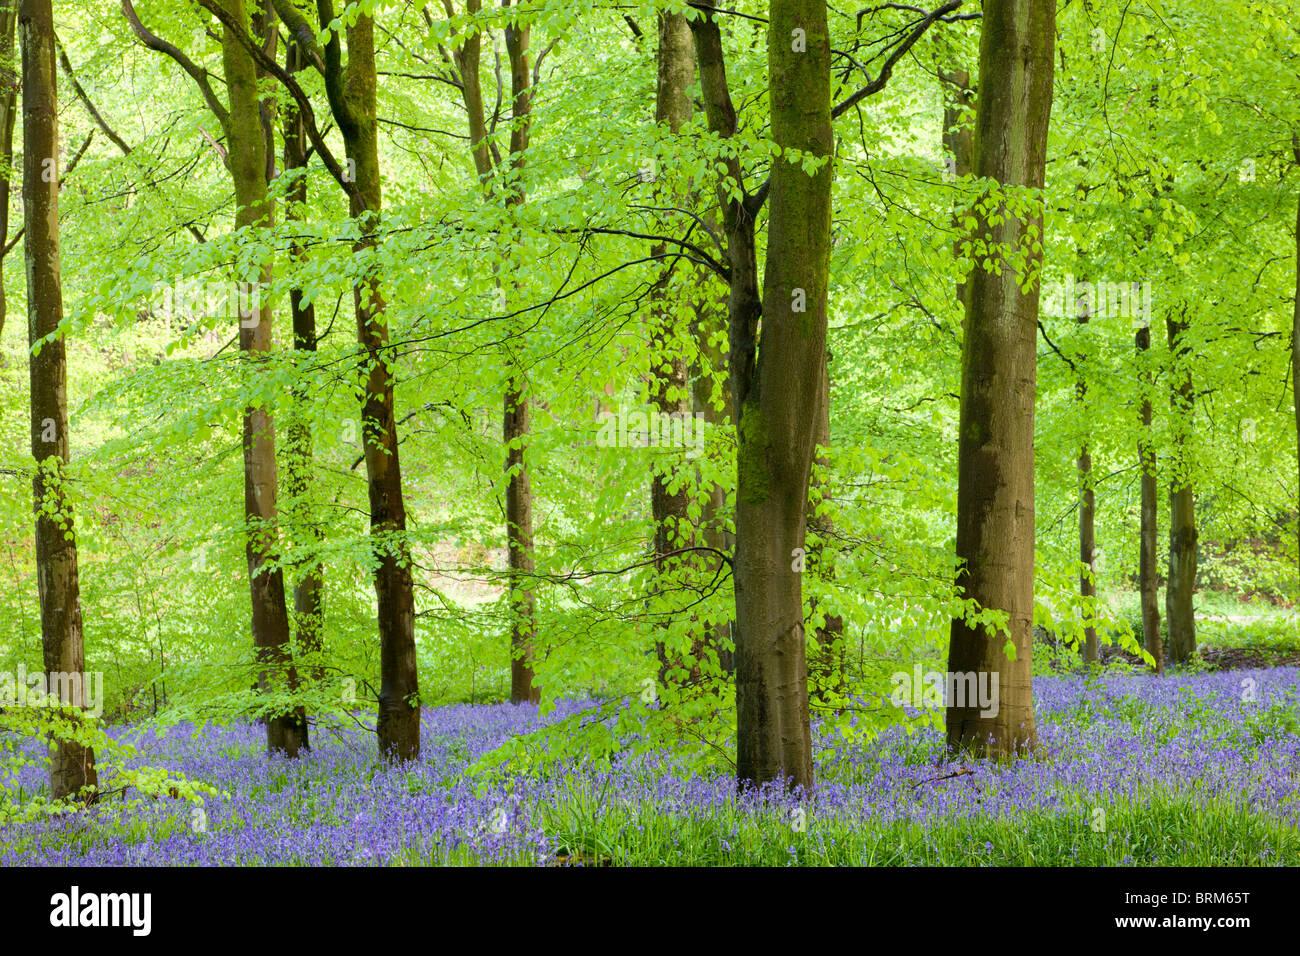 Gemeinsamen Glockenblumen (Hyacinthoides non-Scripta) Blüte in einen Buchenwald, West Woods, Lockeridge, Wiltshire, Stockbild